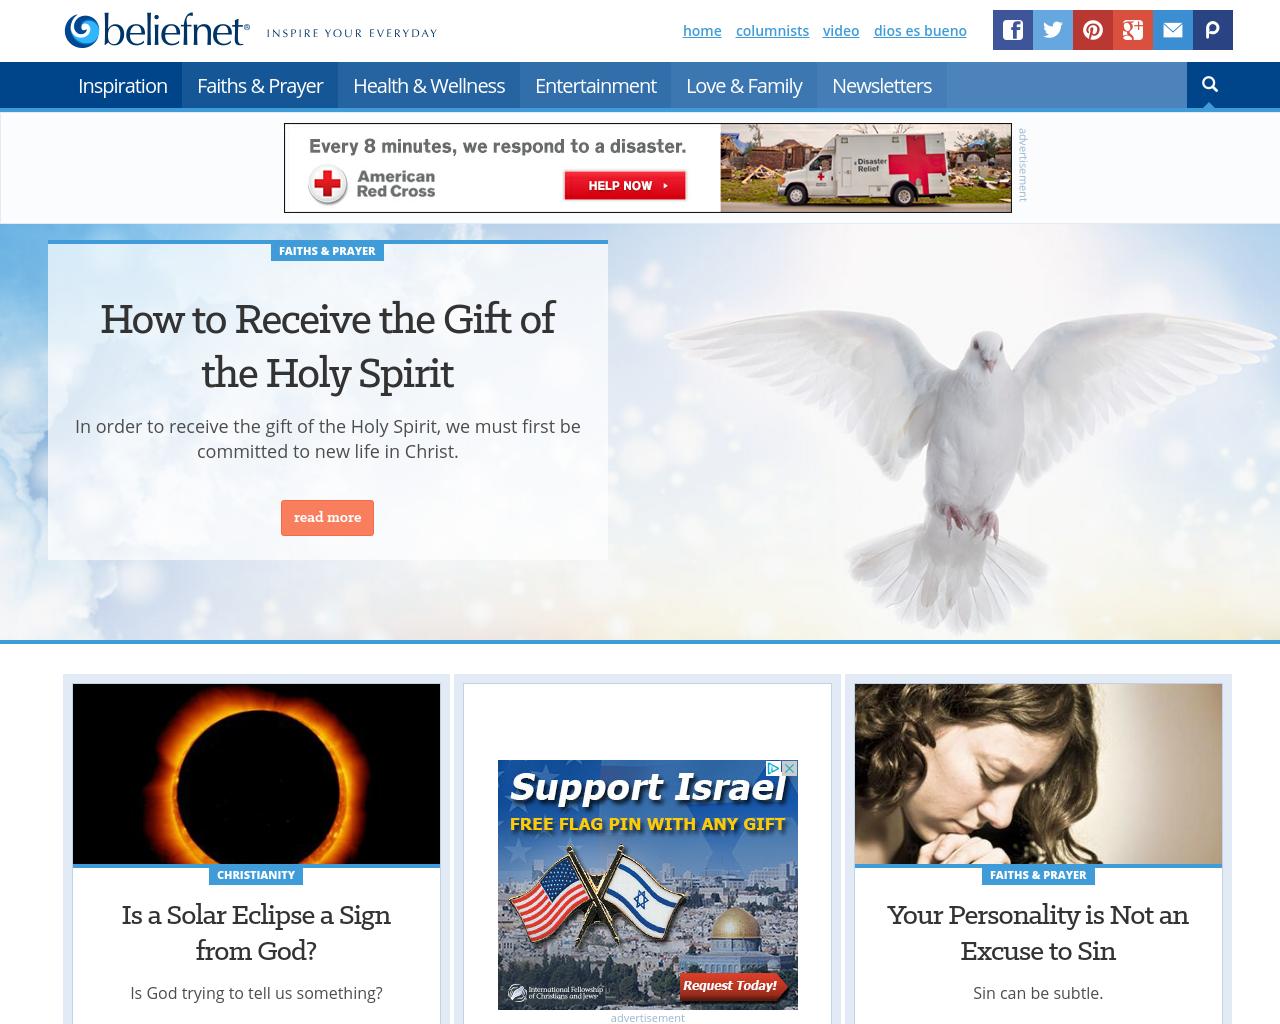 BeliefNet-Advertising-Reviews-Pricing